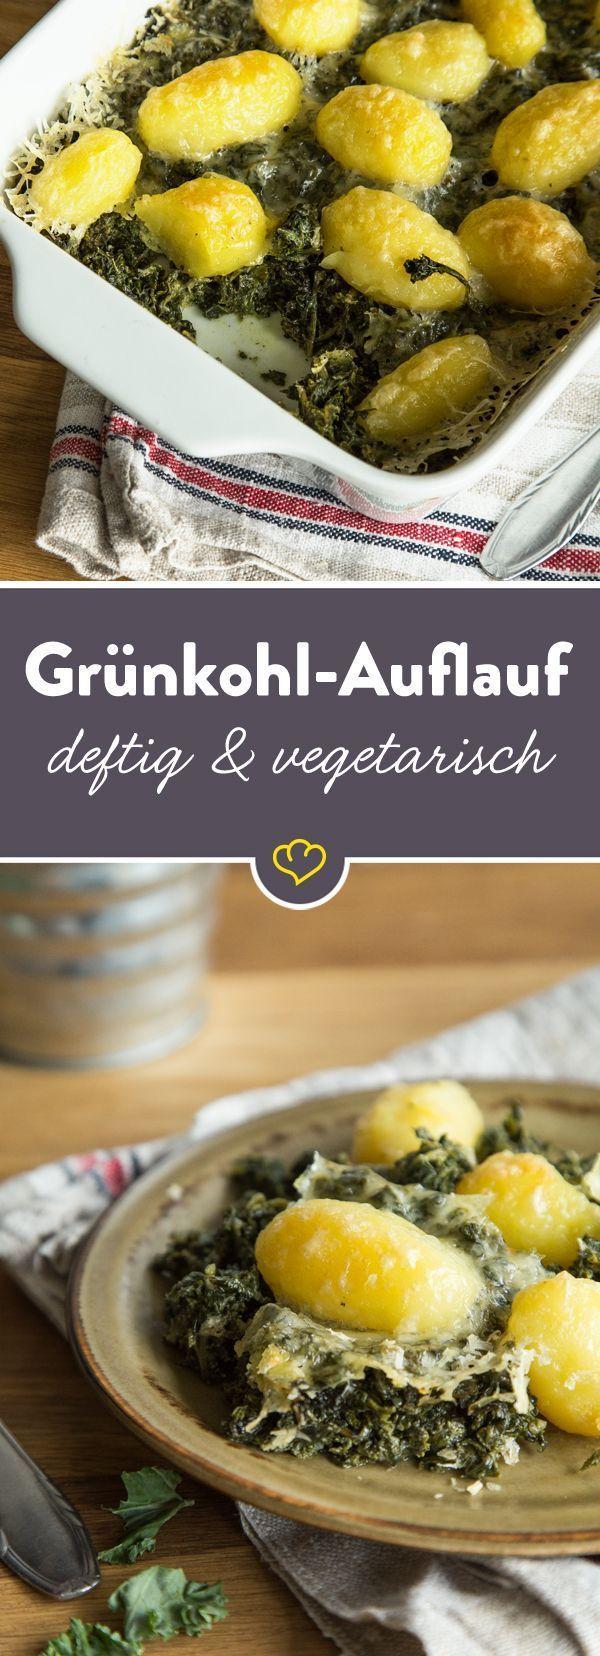 Heiße Ofenliebe: vegetarischer Grünkohl-Kartoffel-Auflauf #vegetariandish